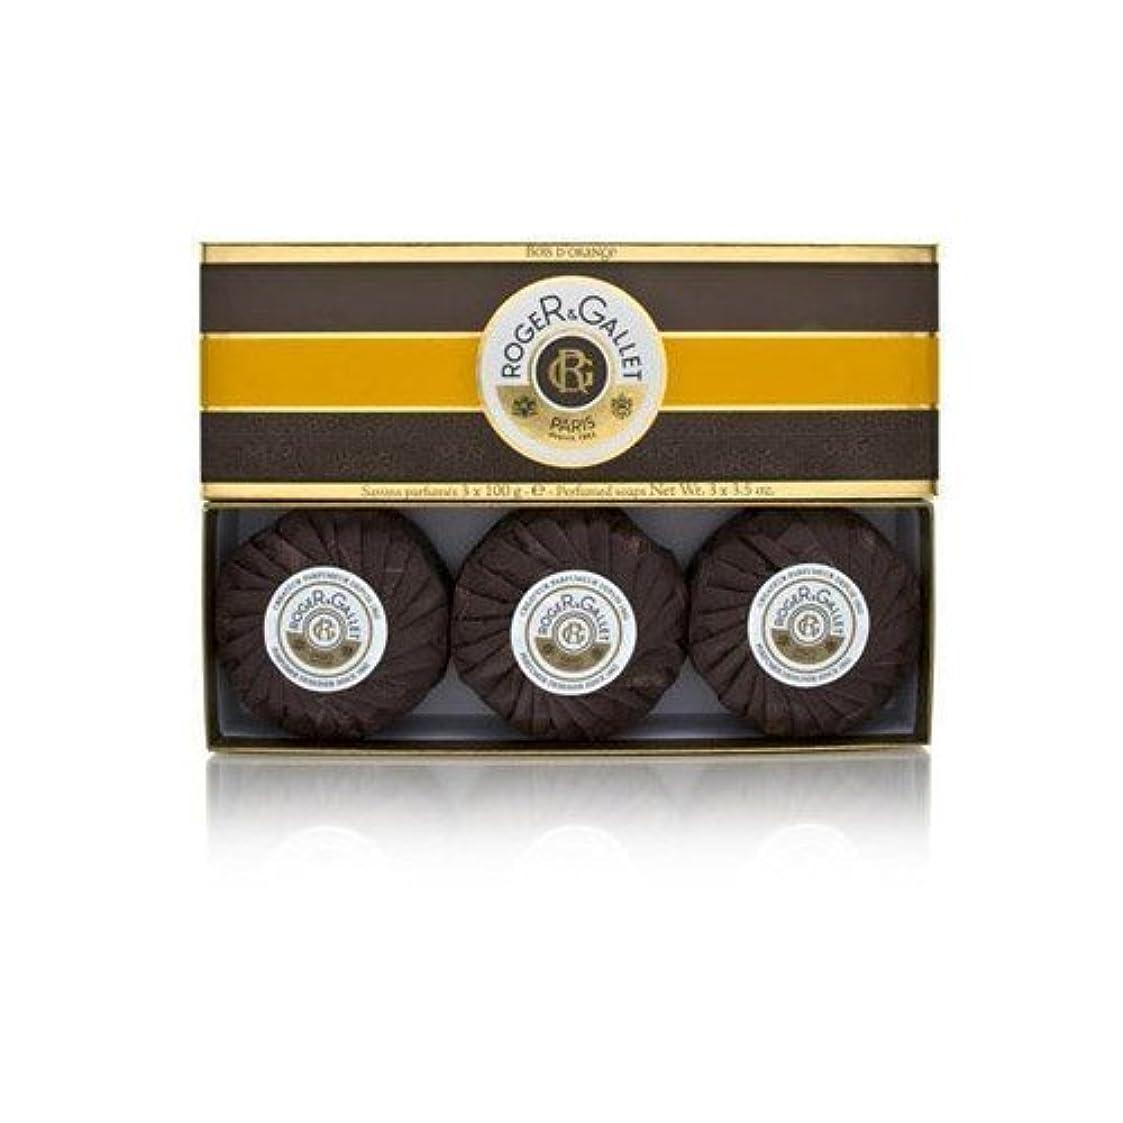 リール作成するいたずらロジェガレ ボワ ドランジュ (オレンジツリー) 香水石鹸3個セット ROGER&GALLET BOIS D'ORANGE PERFUMED SOAP [0161]